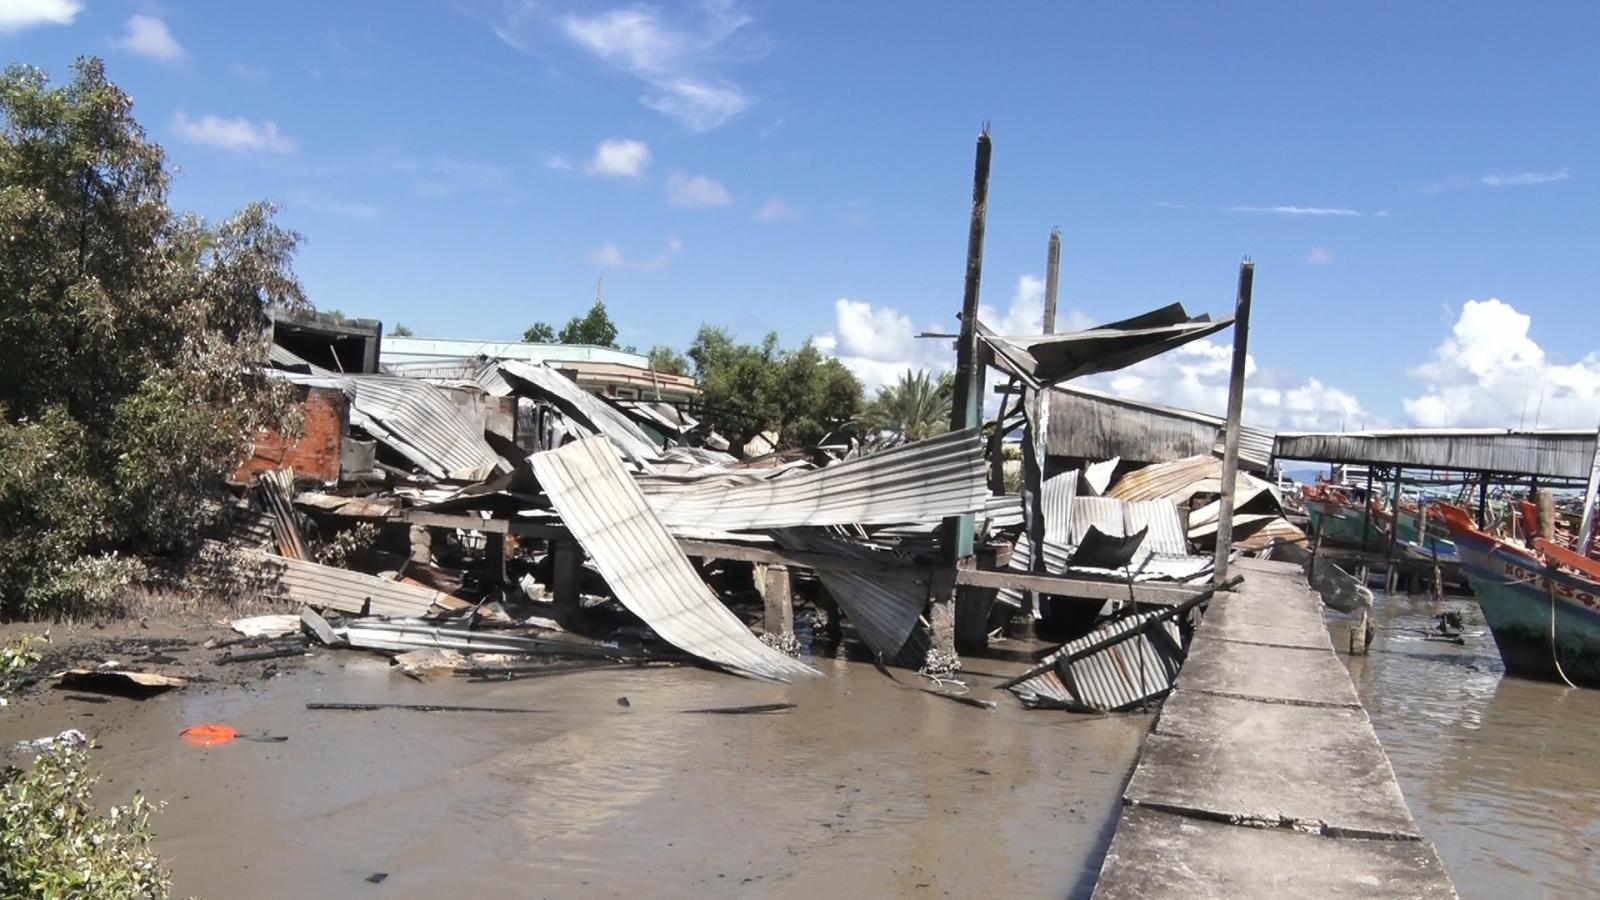 Buồn chuyện gia đình tự đốt nhà mình, 4 nhà hàng xóm bị thiêu rụi